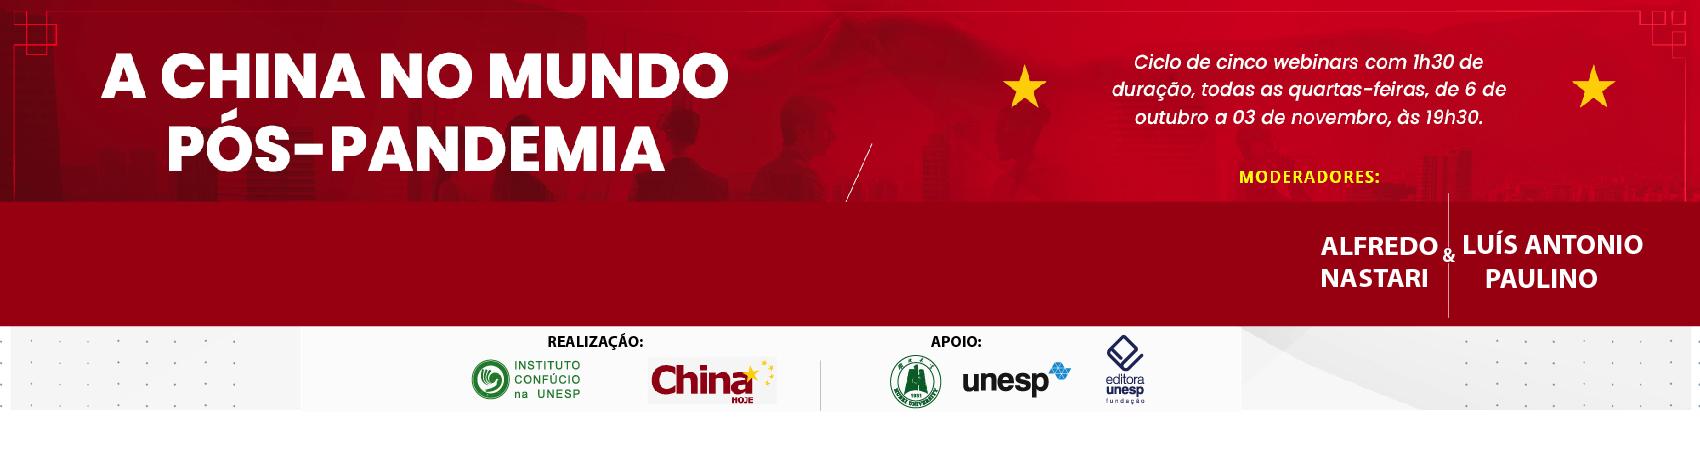 Seminário – A China no Mundo Pós-pandemia